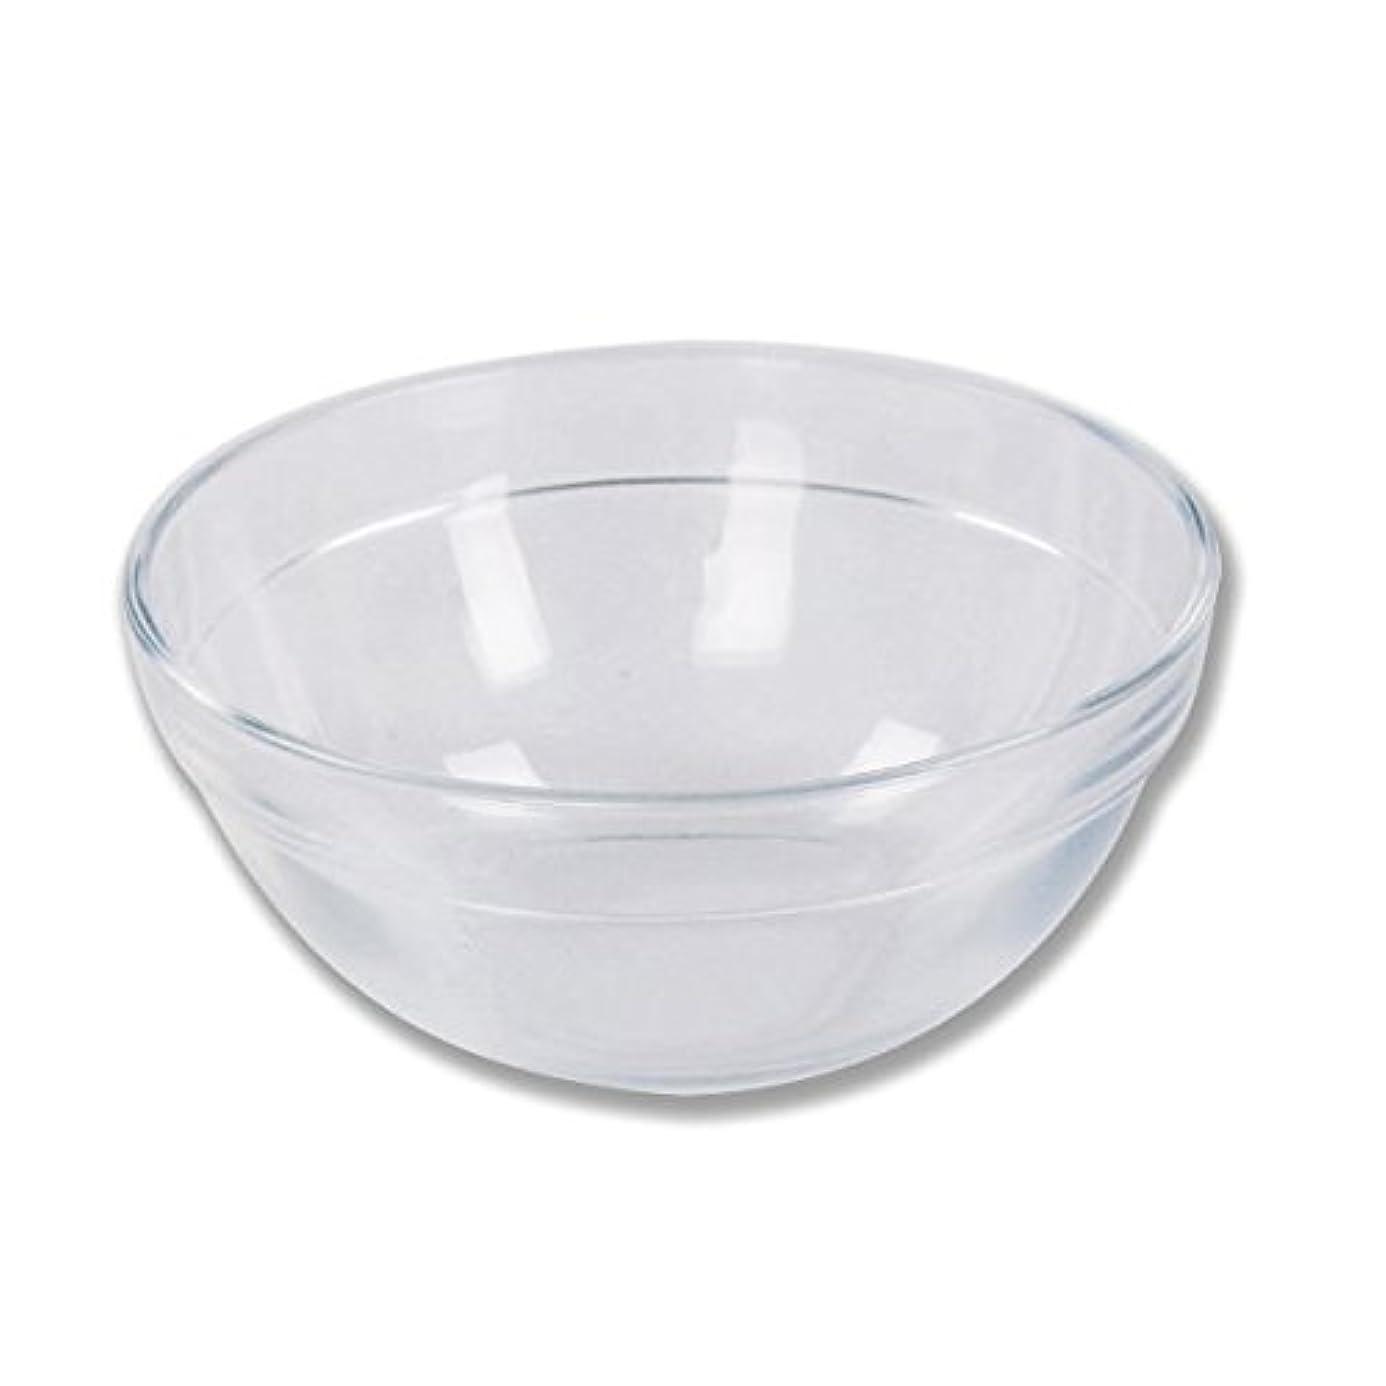 コンプリートハム簡潔なガラスボウル (SSサイズ) [ ガラスボール カップボウル カップボール エステ サロン ガラス ボウル カップ 高級感 ]